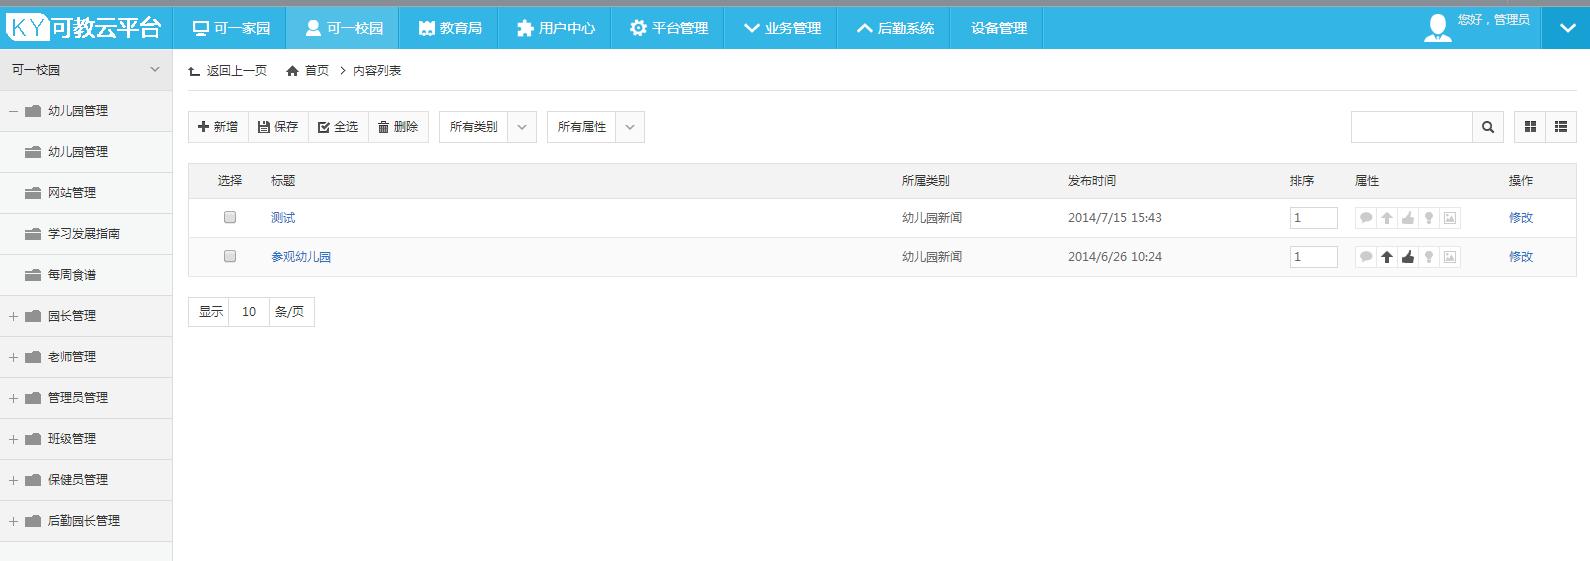 南京科教平台